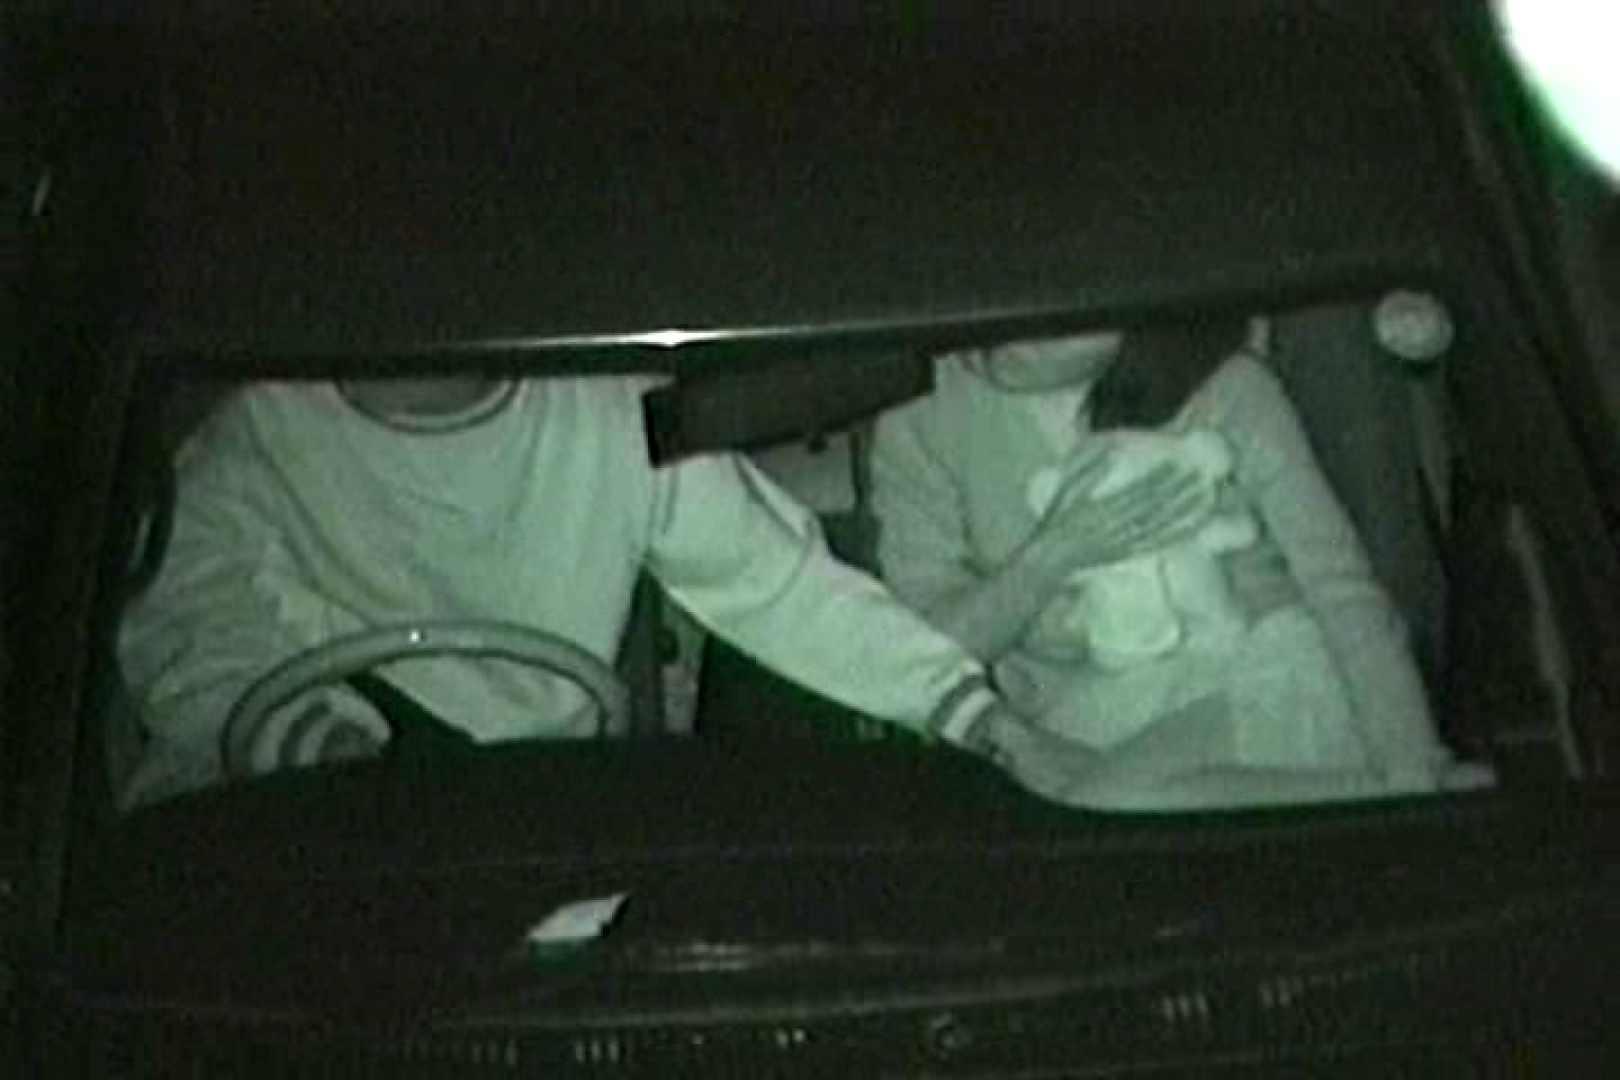 車の中はラブホテル 無修正版  Vol.8 人気シリーズ AV無料動画キャプチャ 102PIX 70